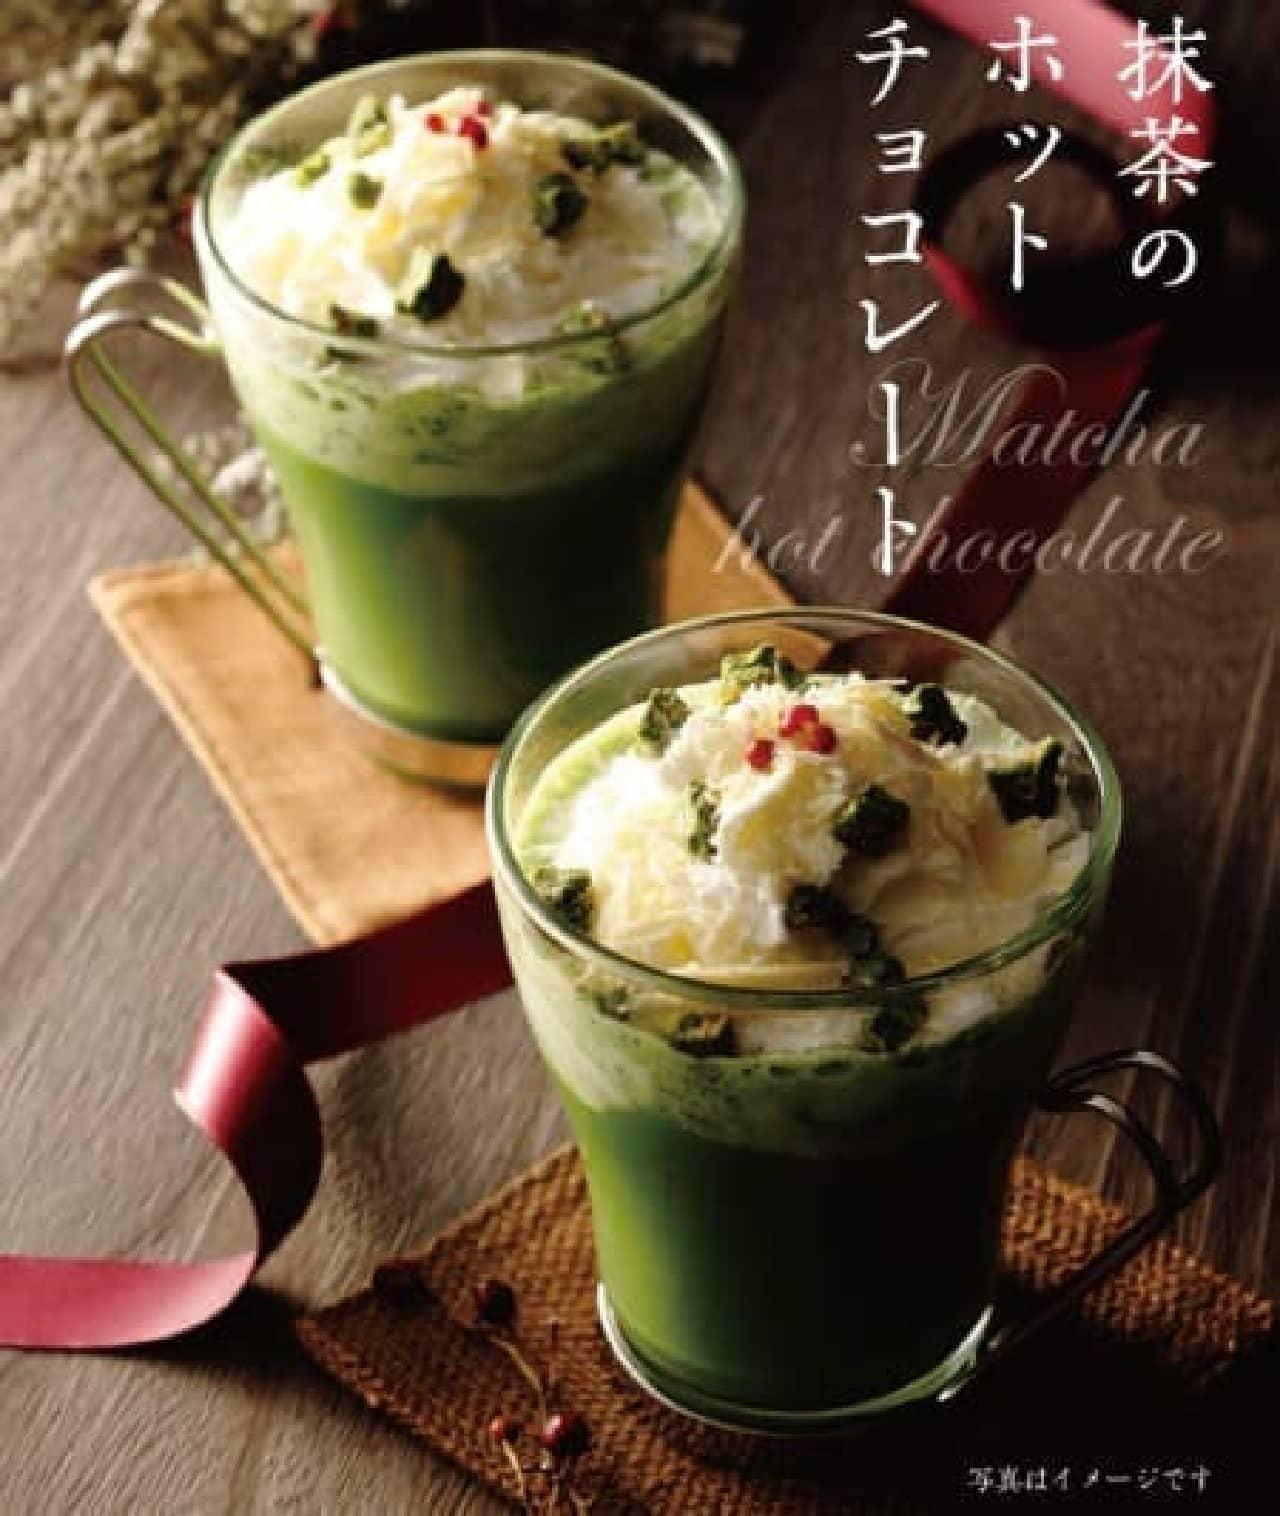 祇園辻利のソラマチ店限定「抹茶のホットチョコレート」